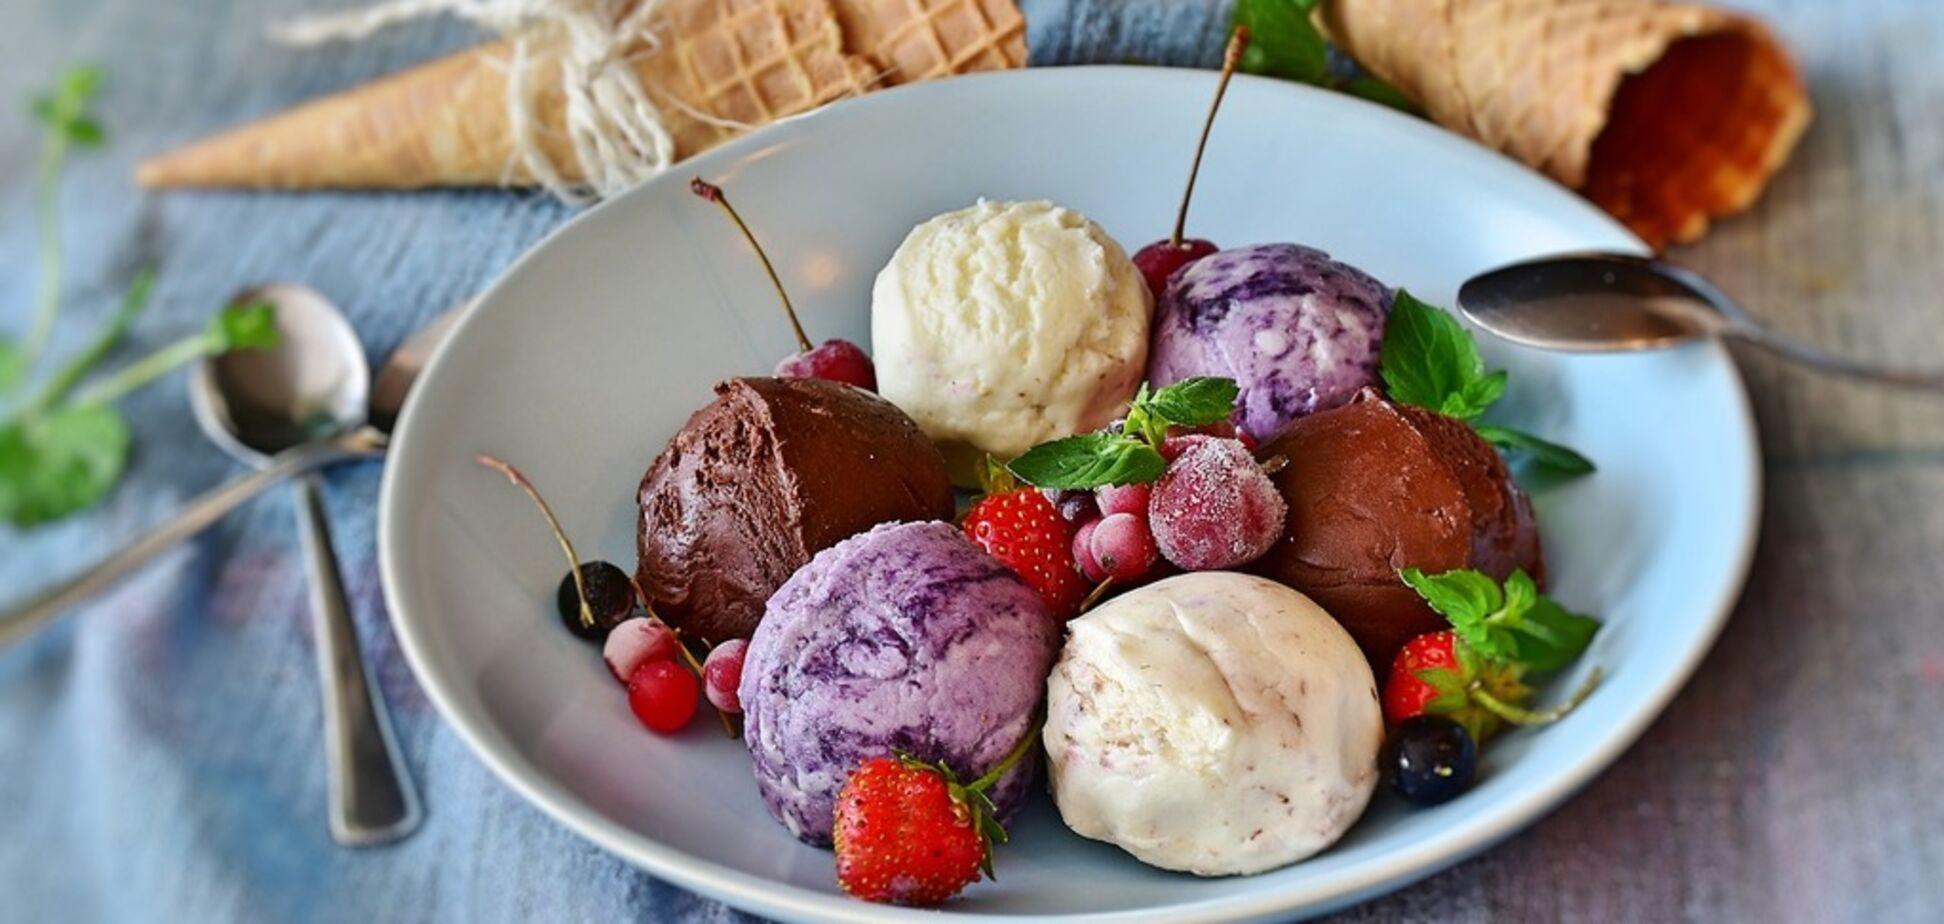 Как приготовить домашнее мороженое: вкусный рецепт на любой вкус